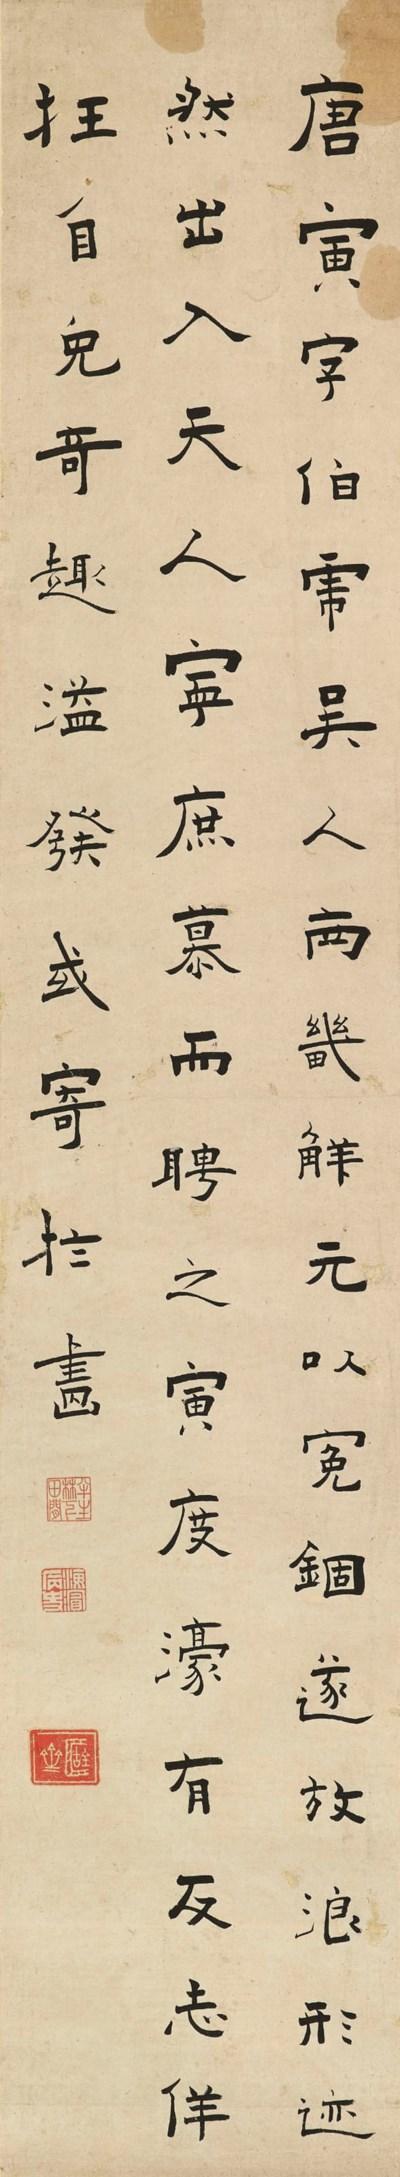 CHEN JIEQI (1813-1884)